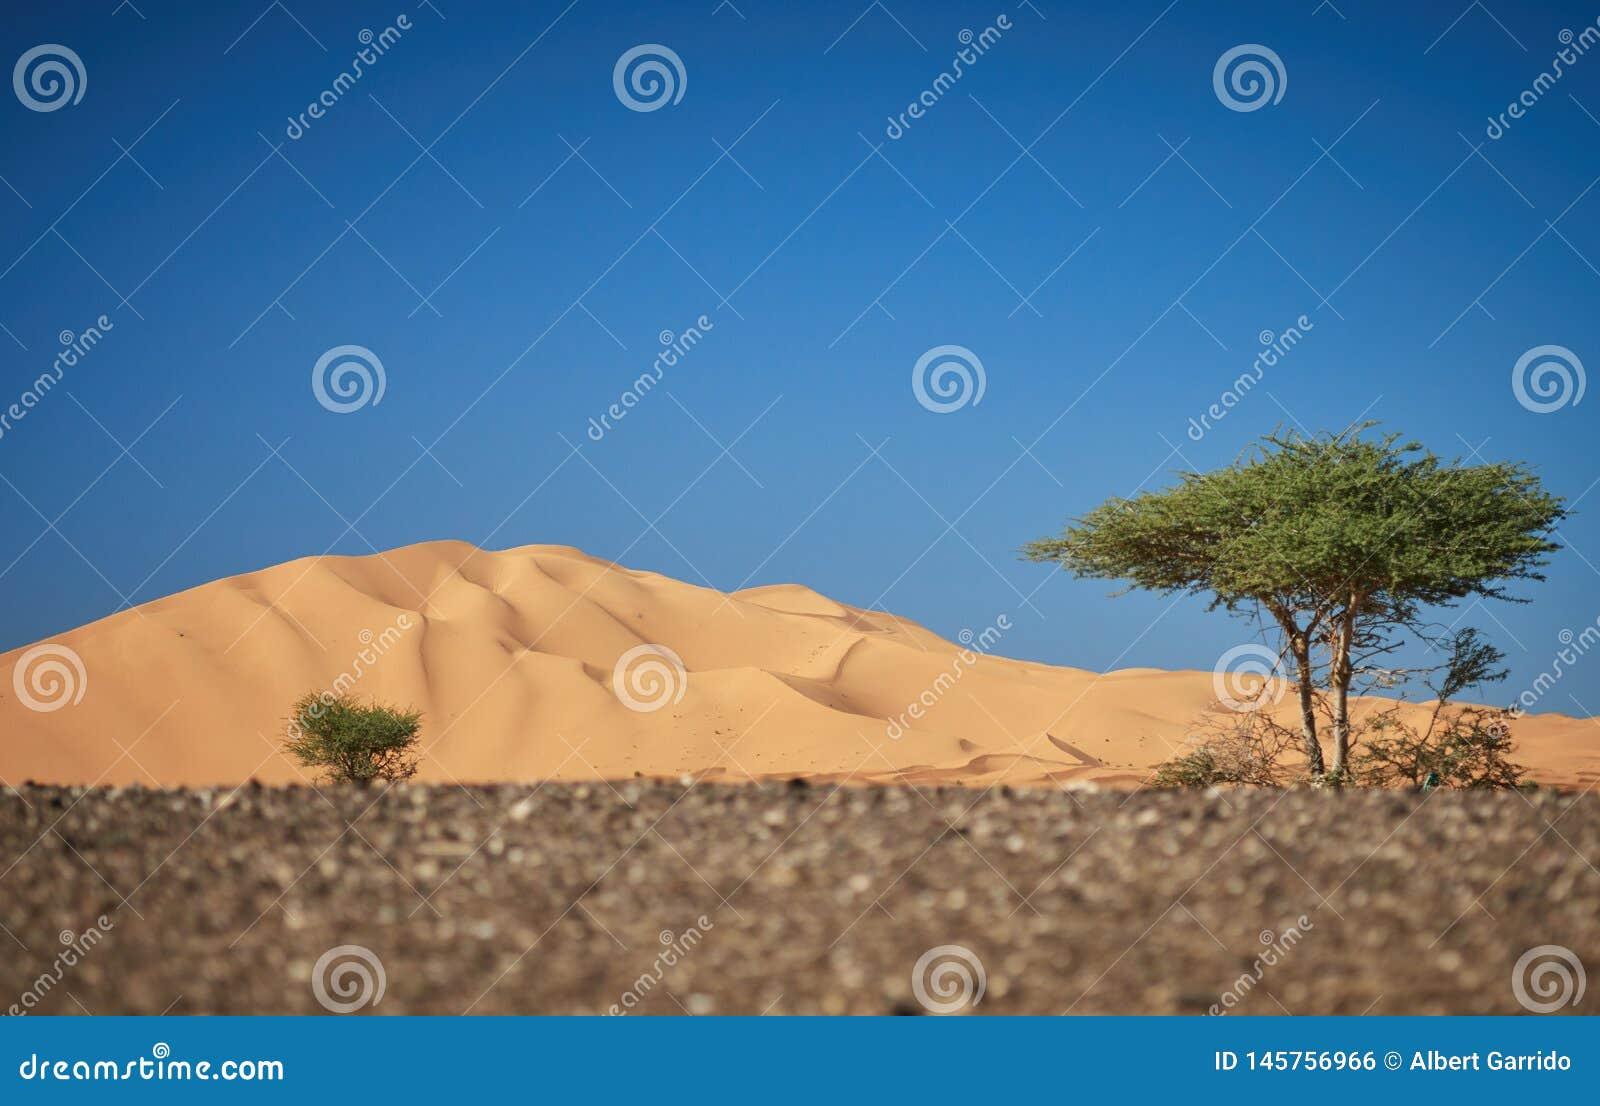 Den stora dyn av merzougaen, med det typiska trädet av öknarna i africa